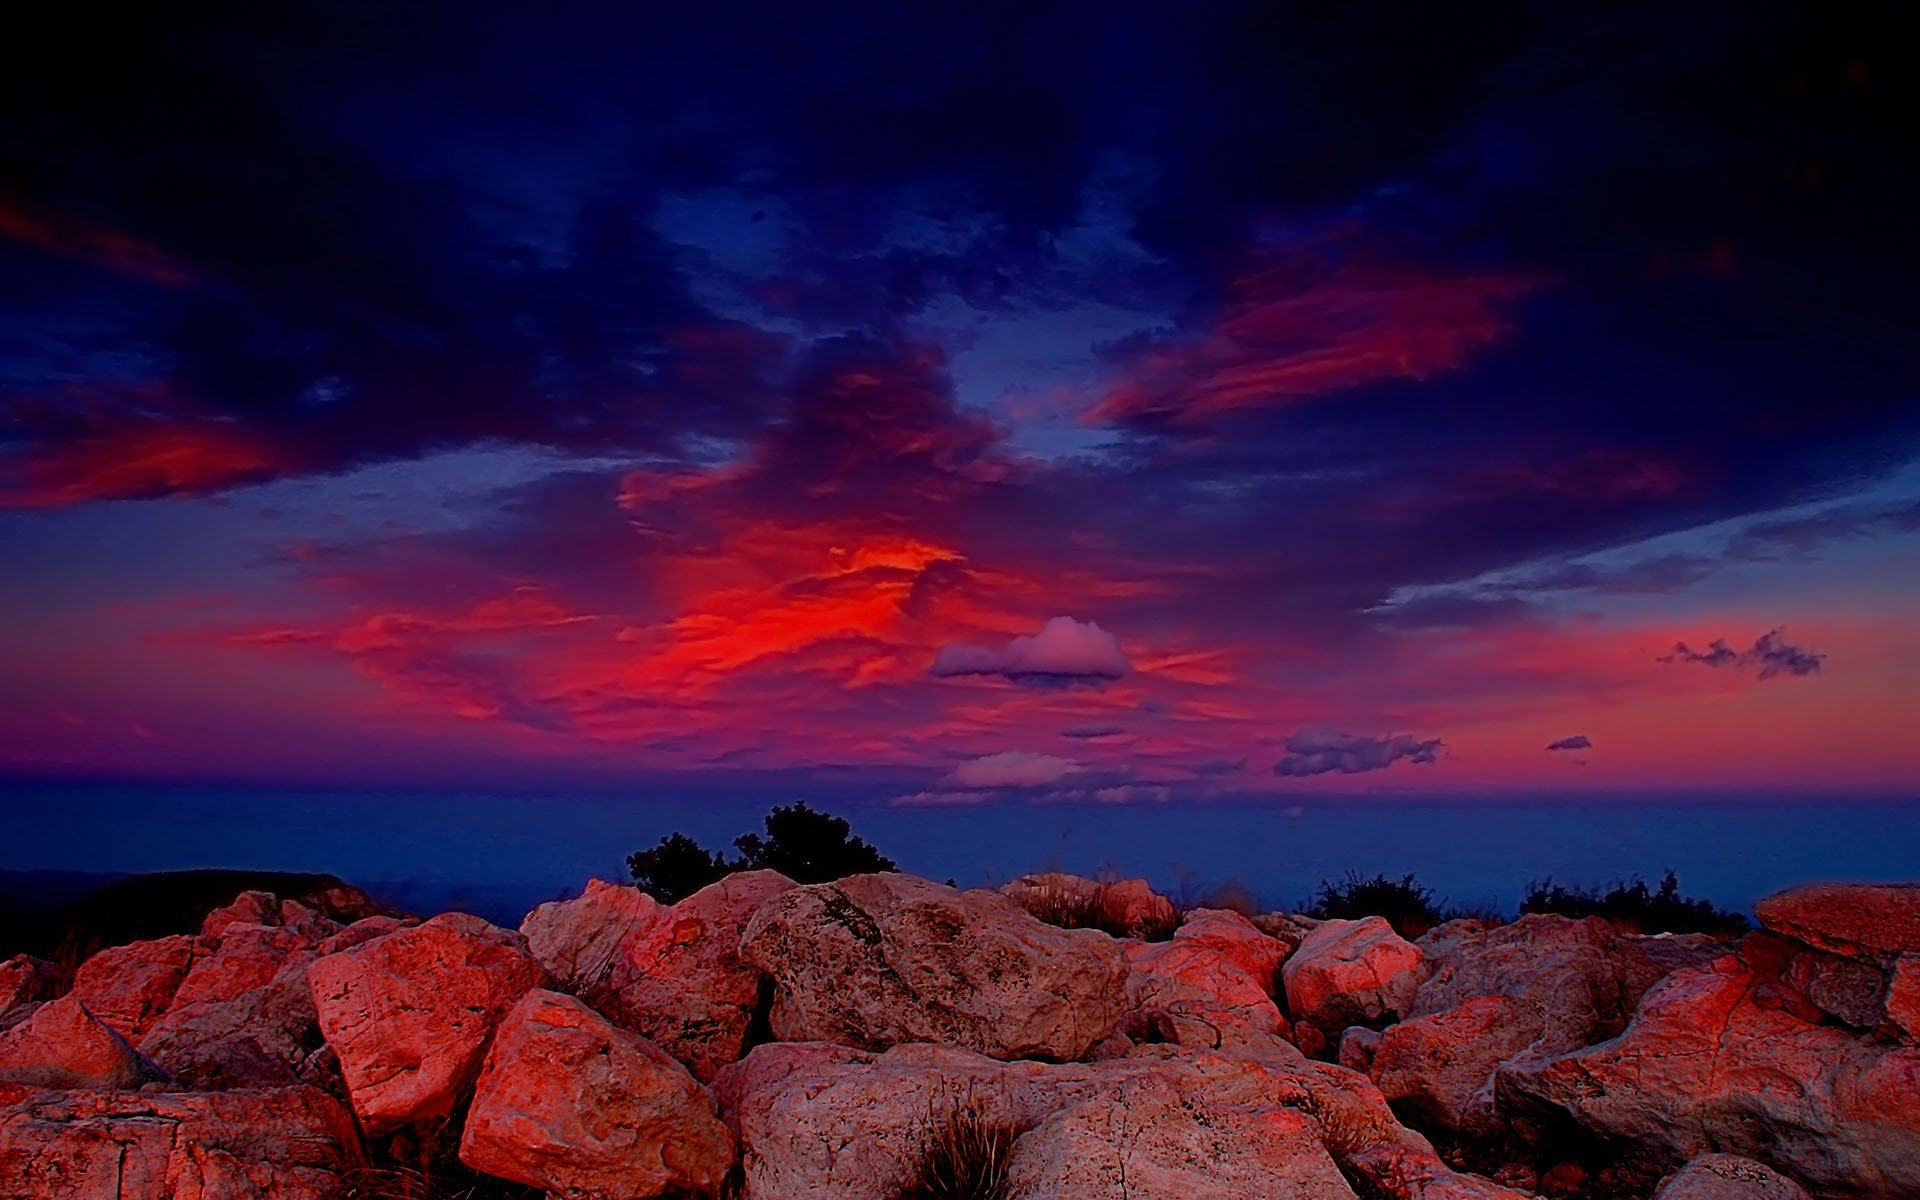 красно-розовый закат бесплатно